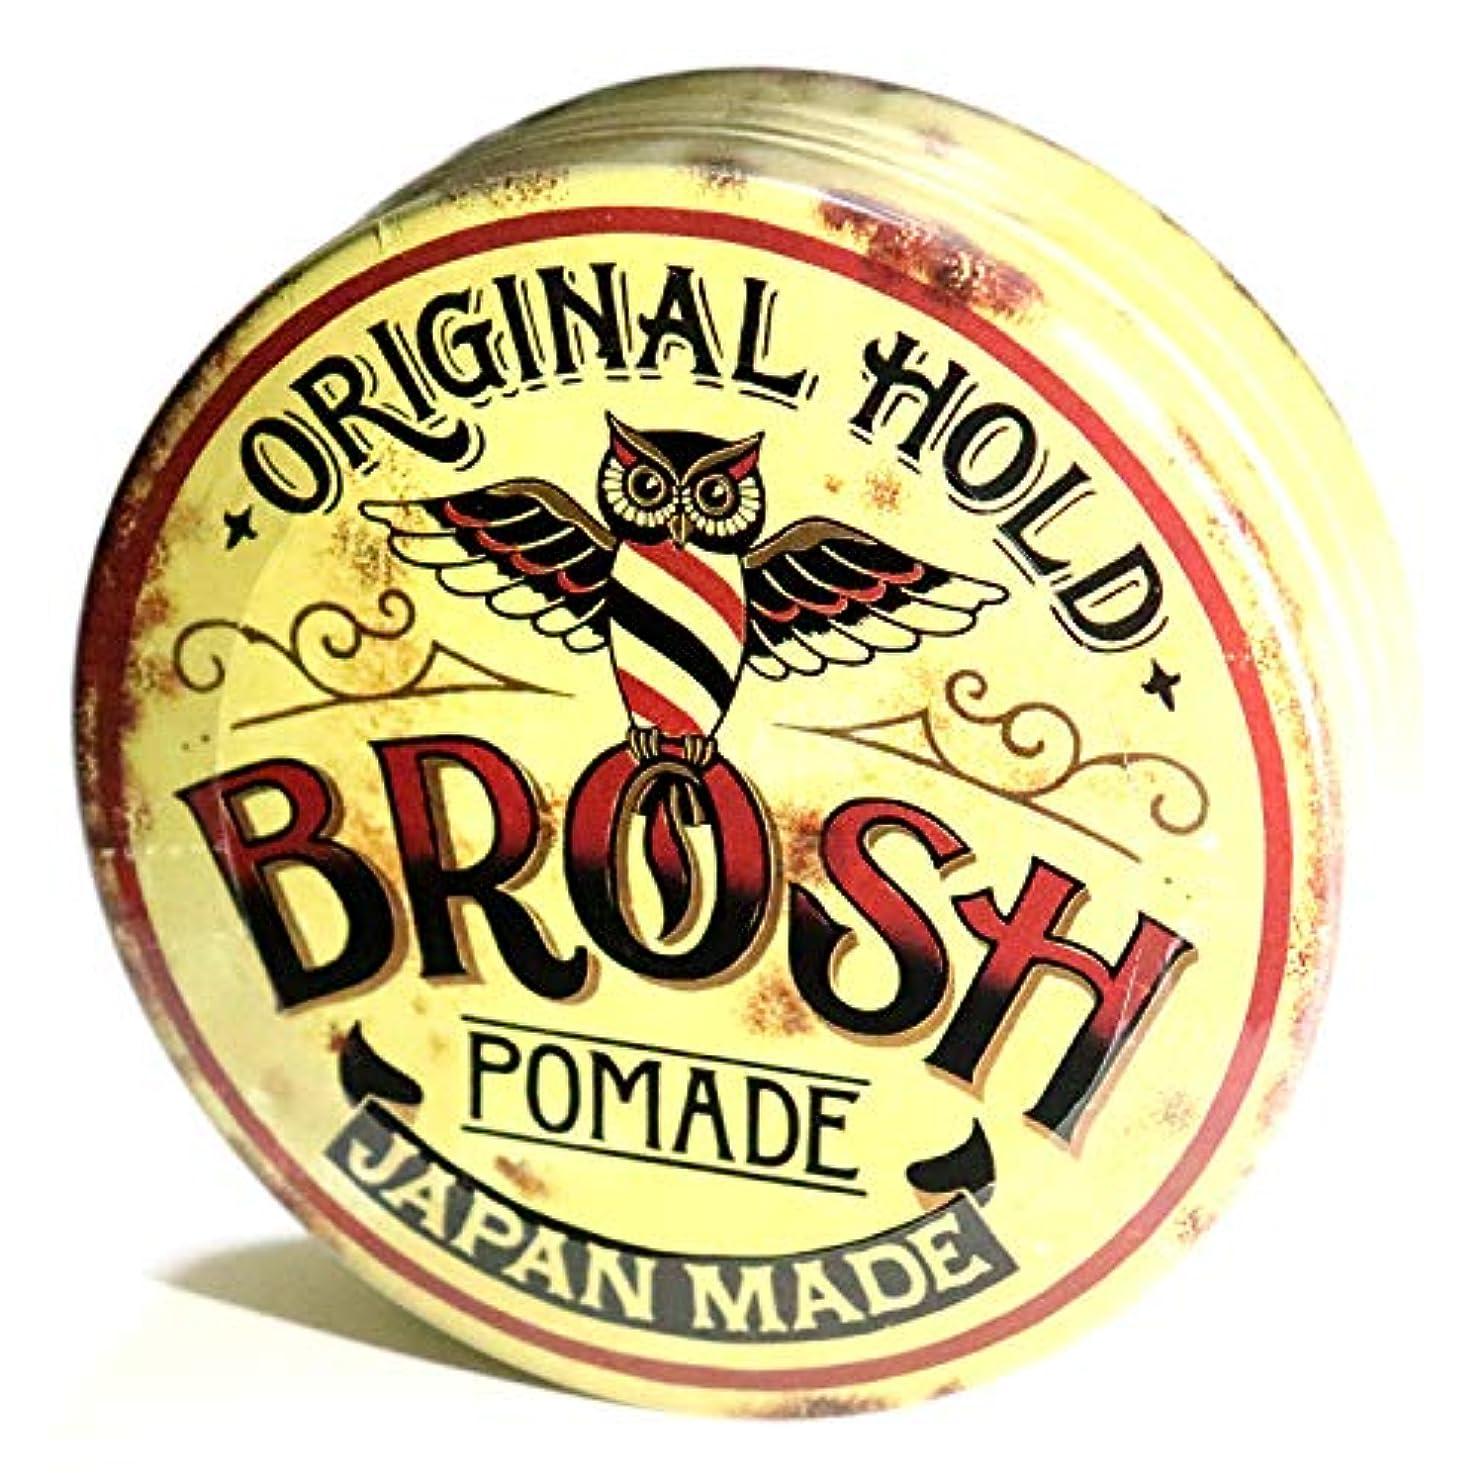 緯度心配しないBROSH (ブロッシュ) BROSH POMADE ORIGINAL HOLD 115g 水性ポマード 整髪料